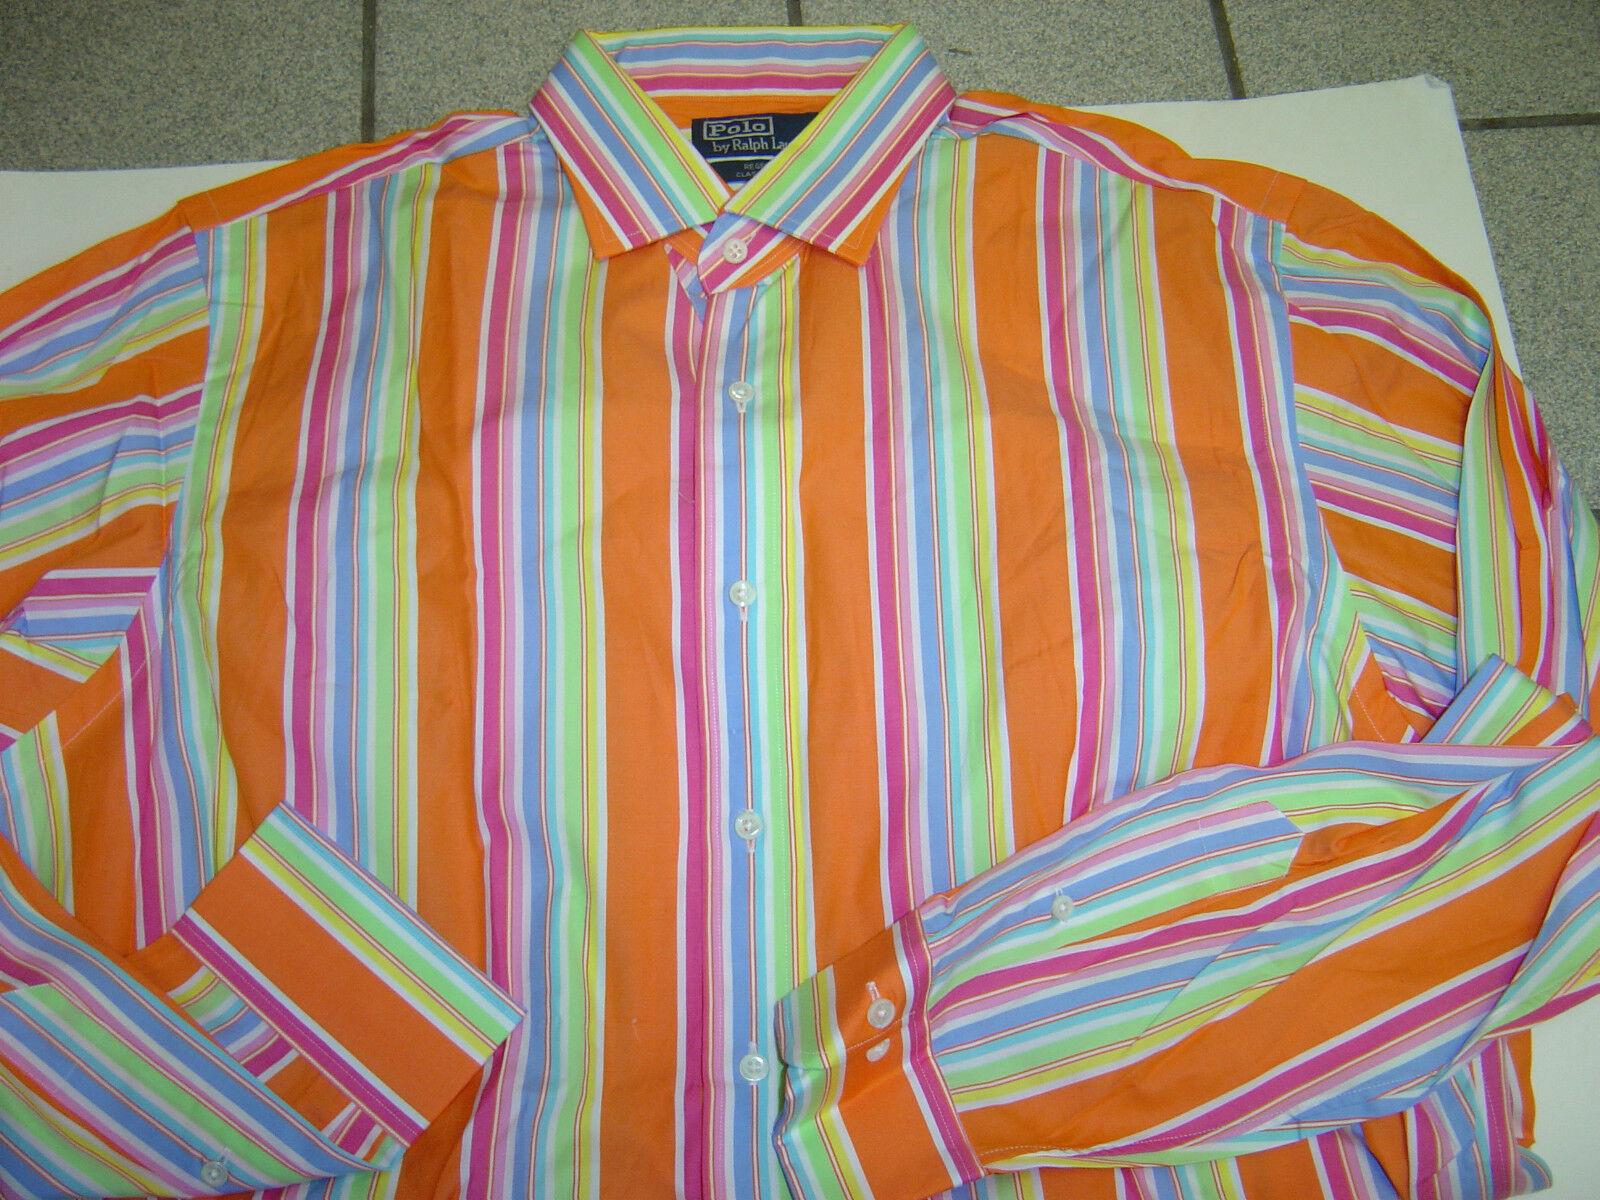 NEW Uomo RALPH LAUREN arancia-rosa REGENT STRIPED  REGENT arancia-rosa  L/S SHIRT SIZE XL  17   85 f2e803